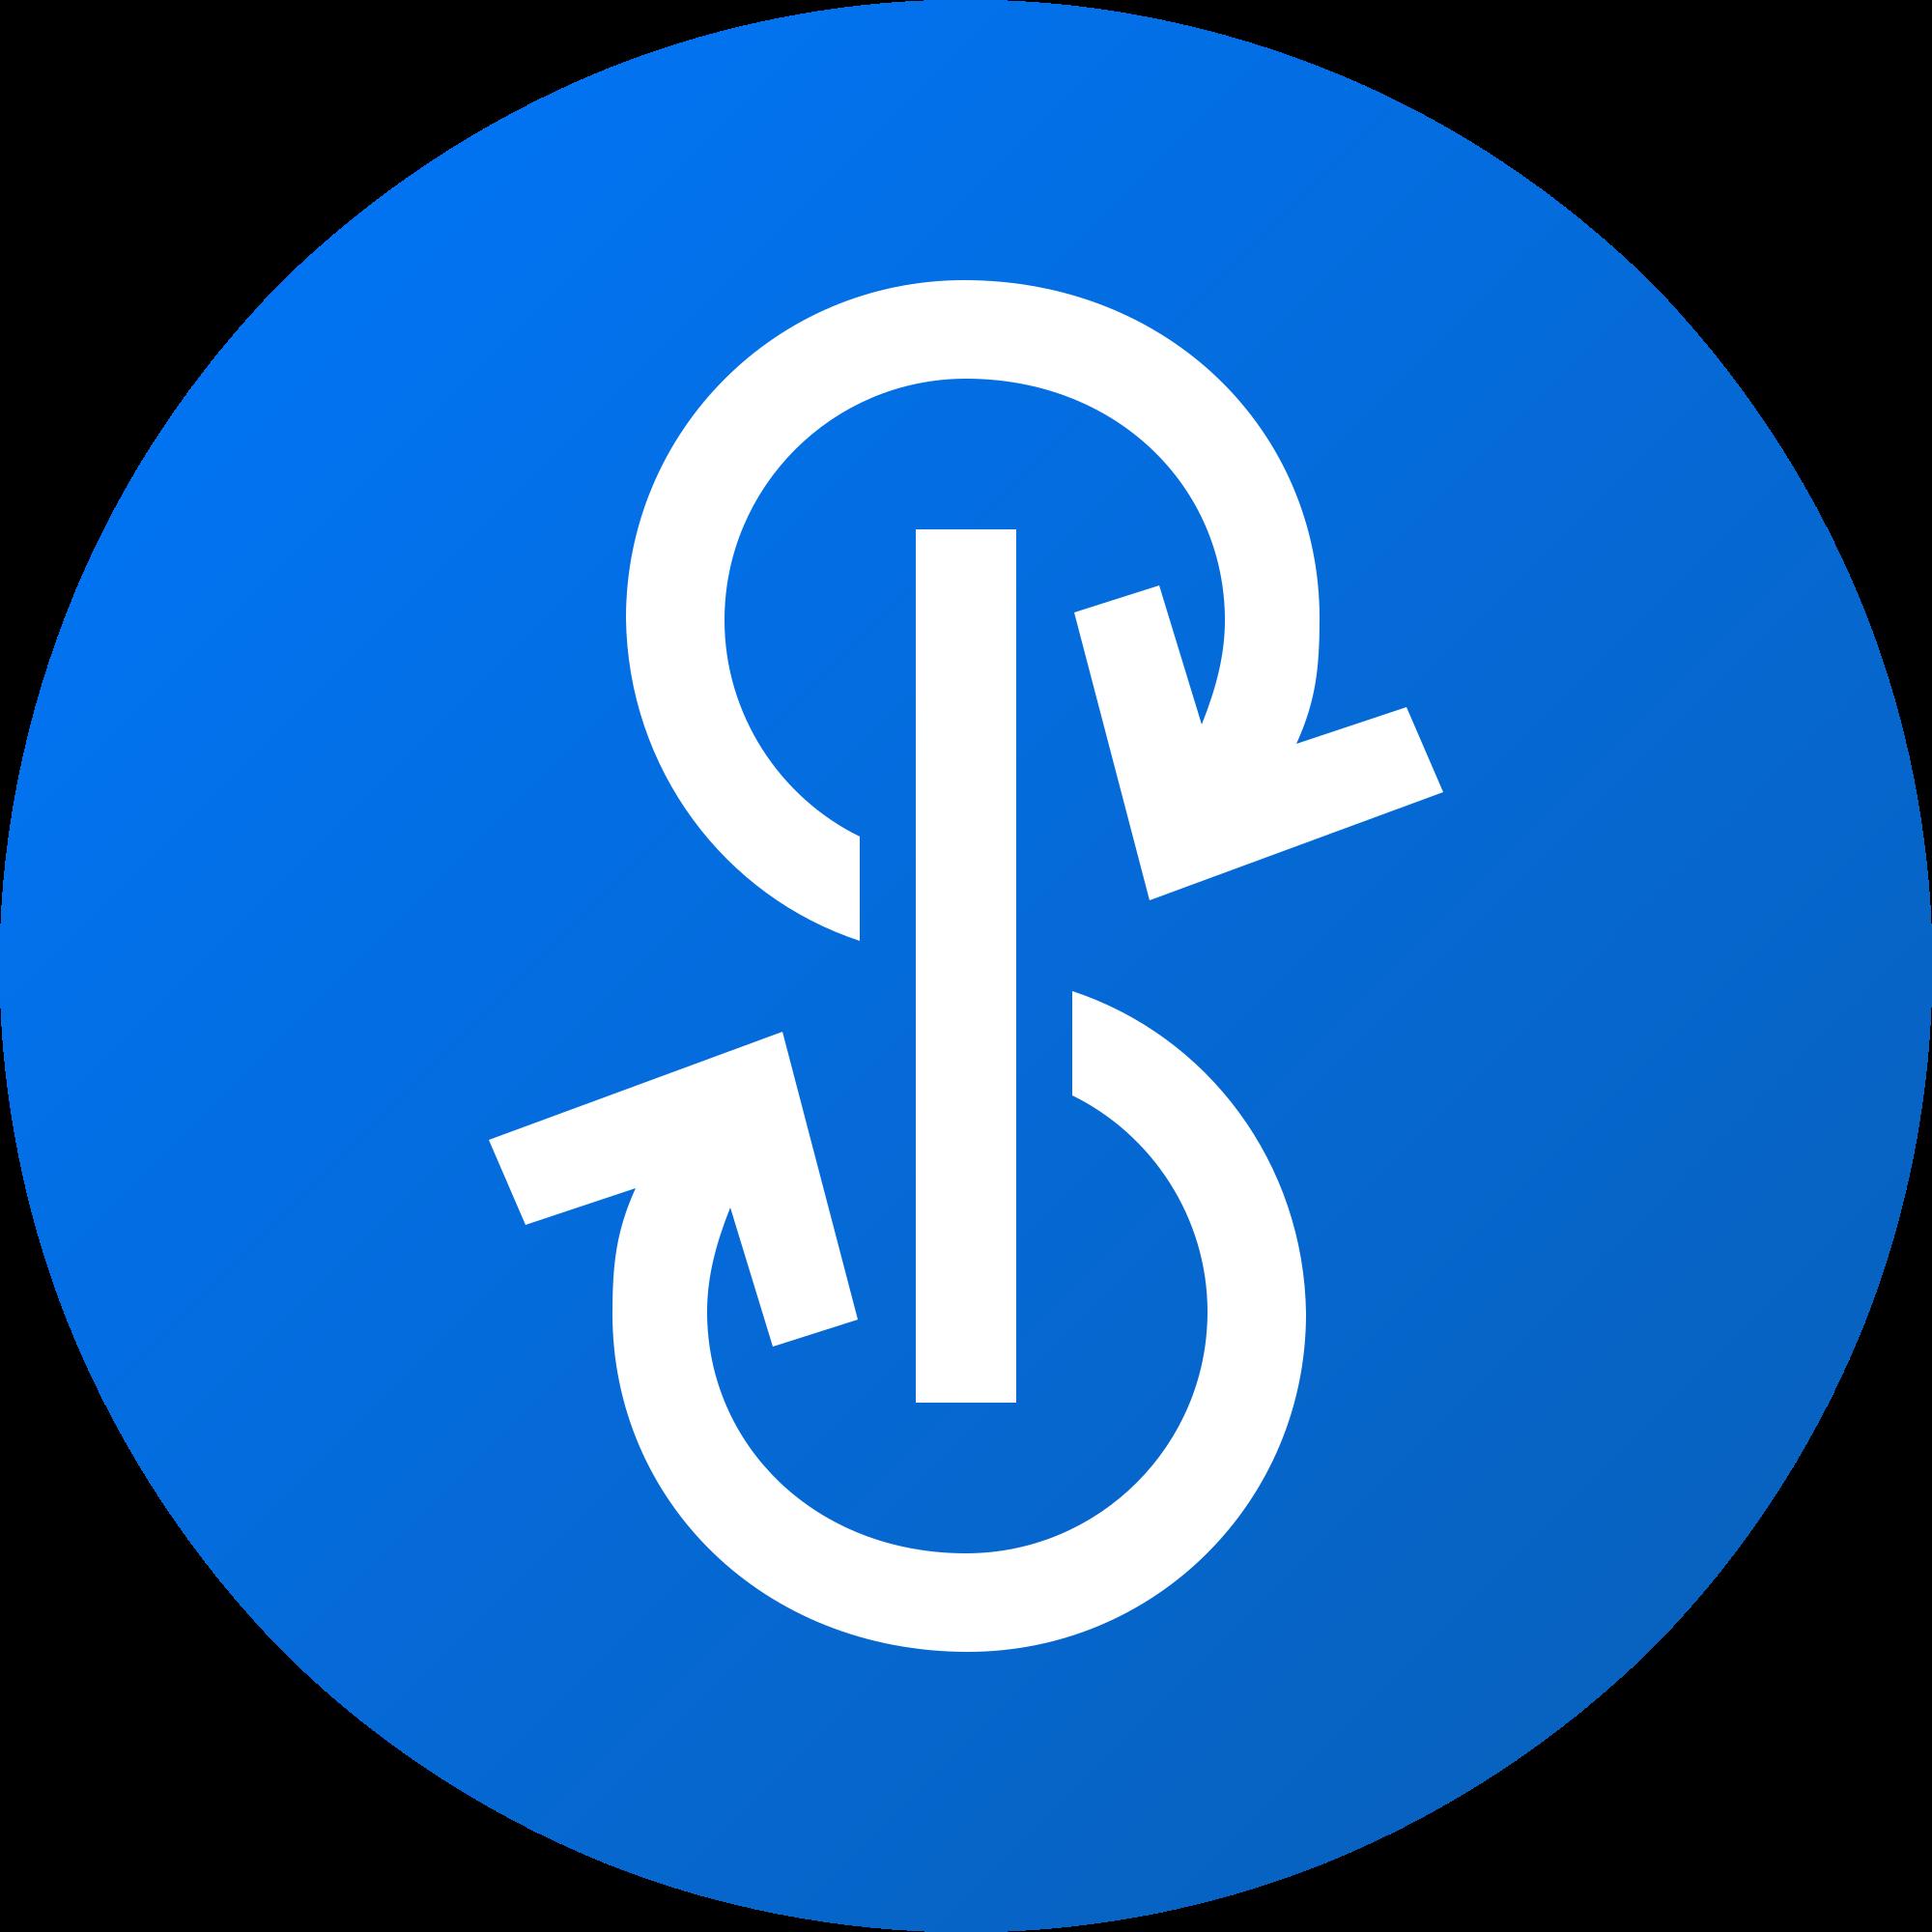 yearn.finance (YFI) Logo